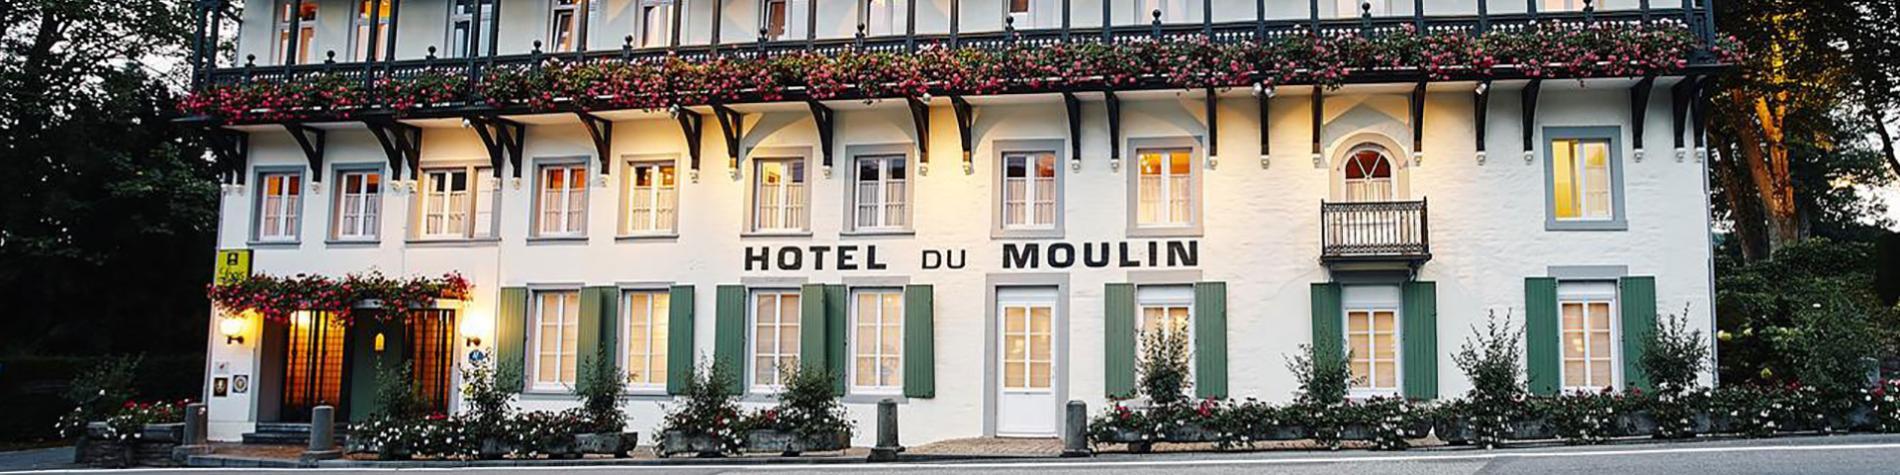 Hôtel - restaurant - Moulin - Ligneuville